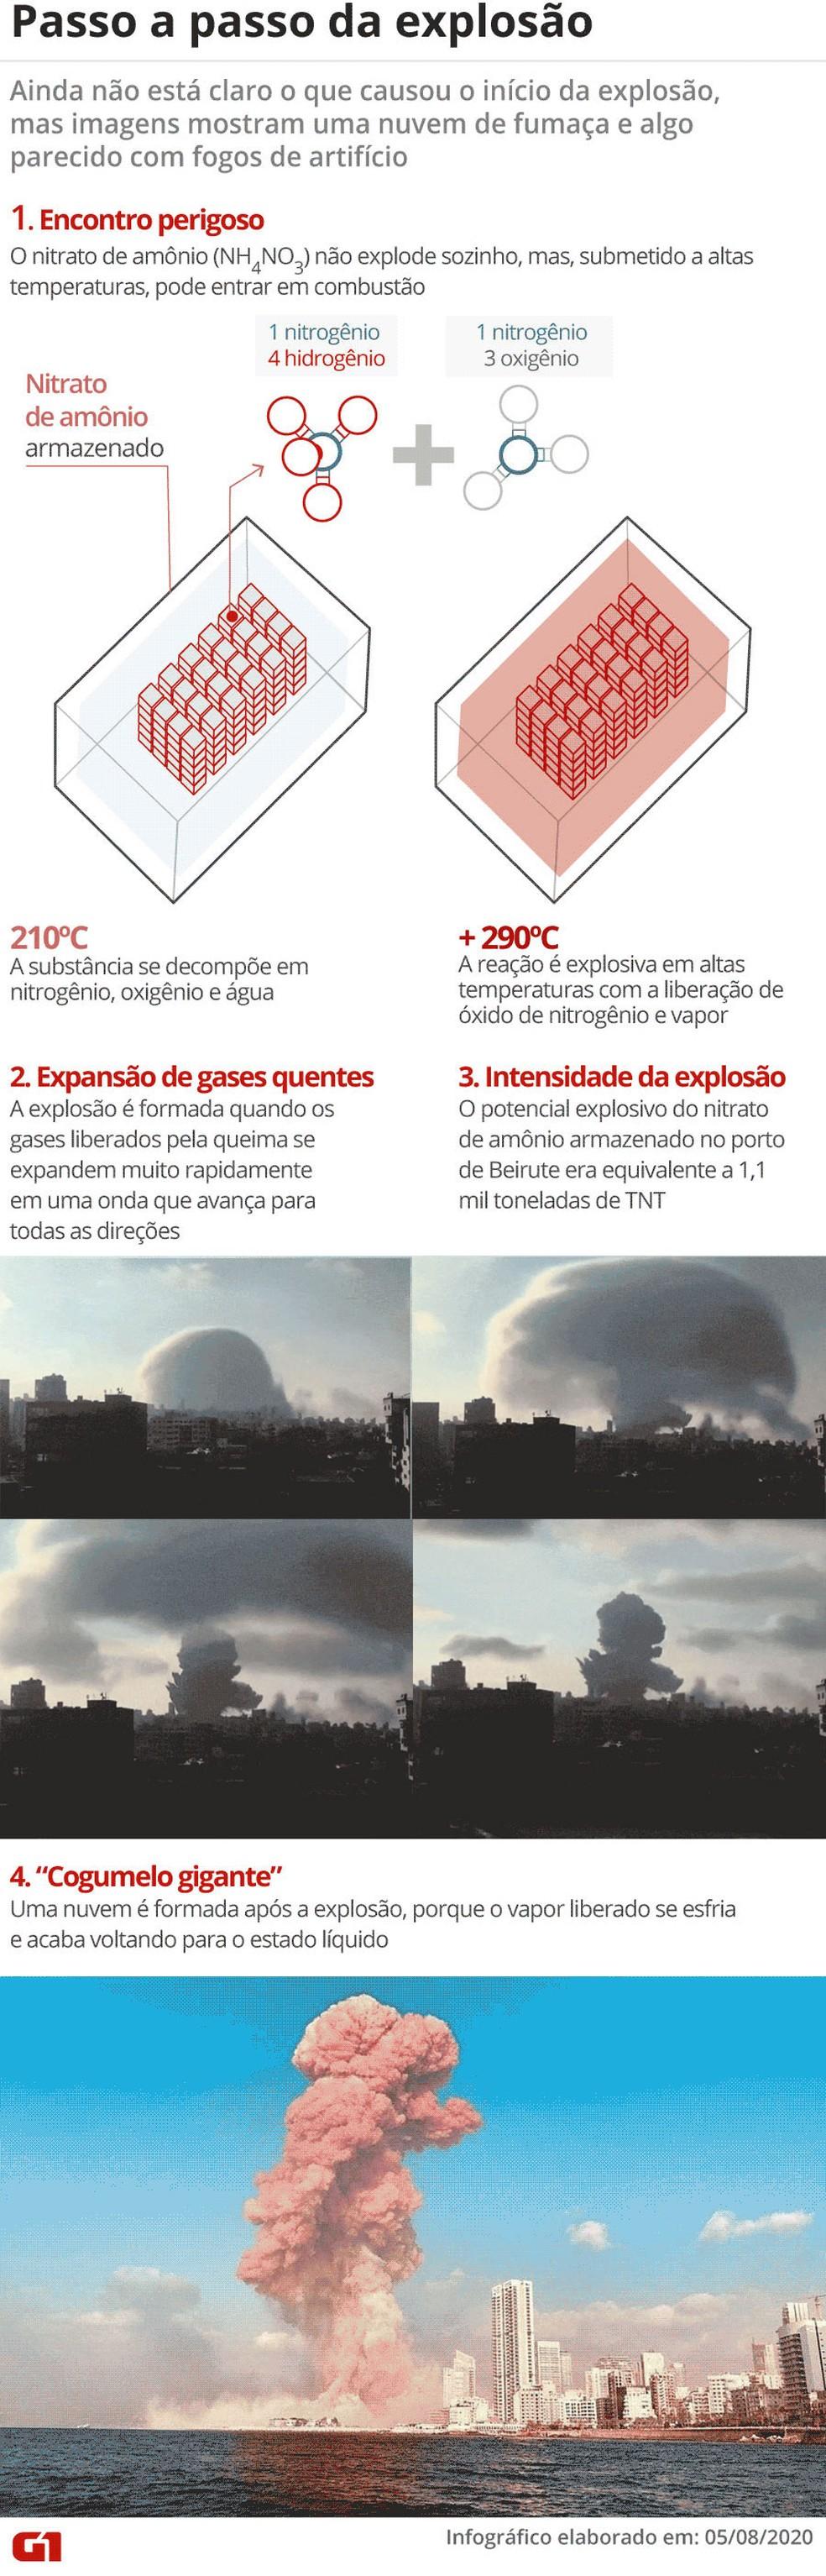 Passo a passo mostra os detalhes da explosão em Beirute, no Líbano, que ocorreu na terça-feira (4) — Foto: Guilherme Luiz Pinheiro/G1